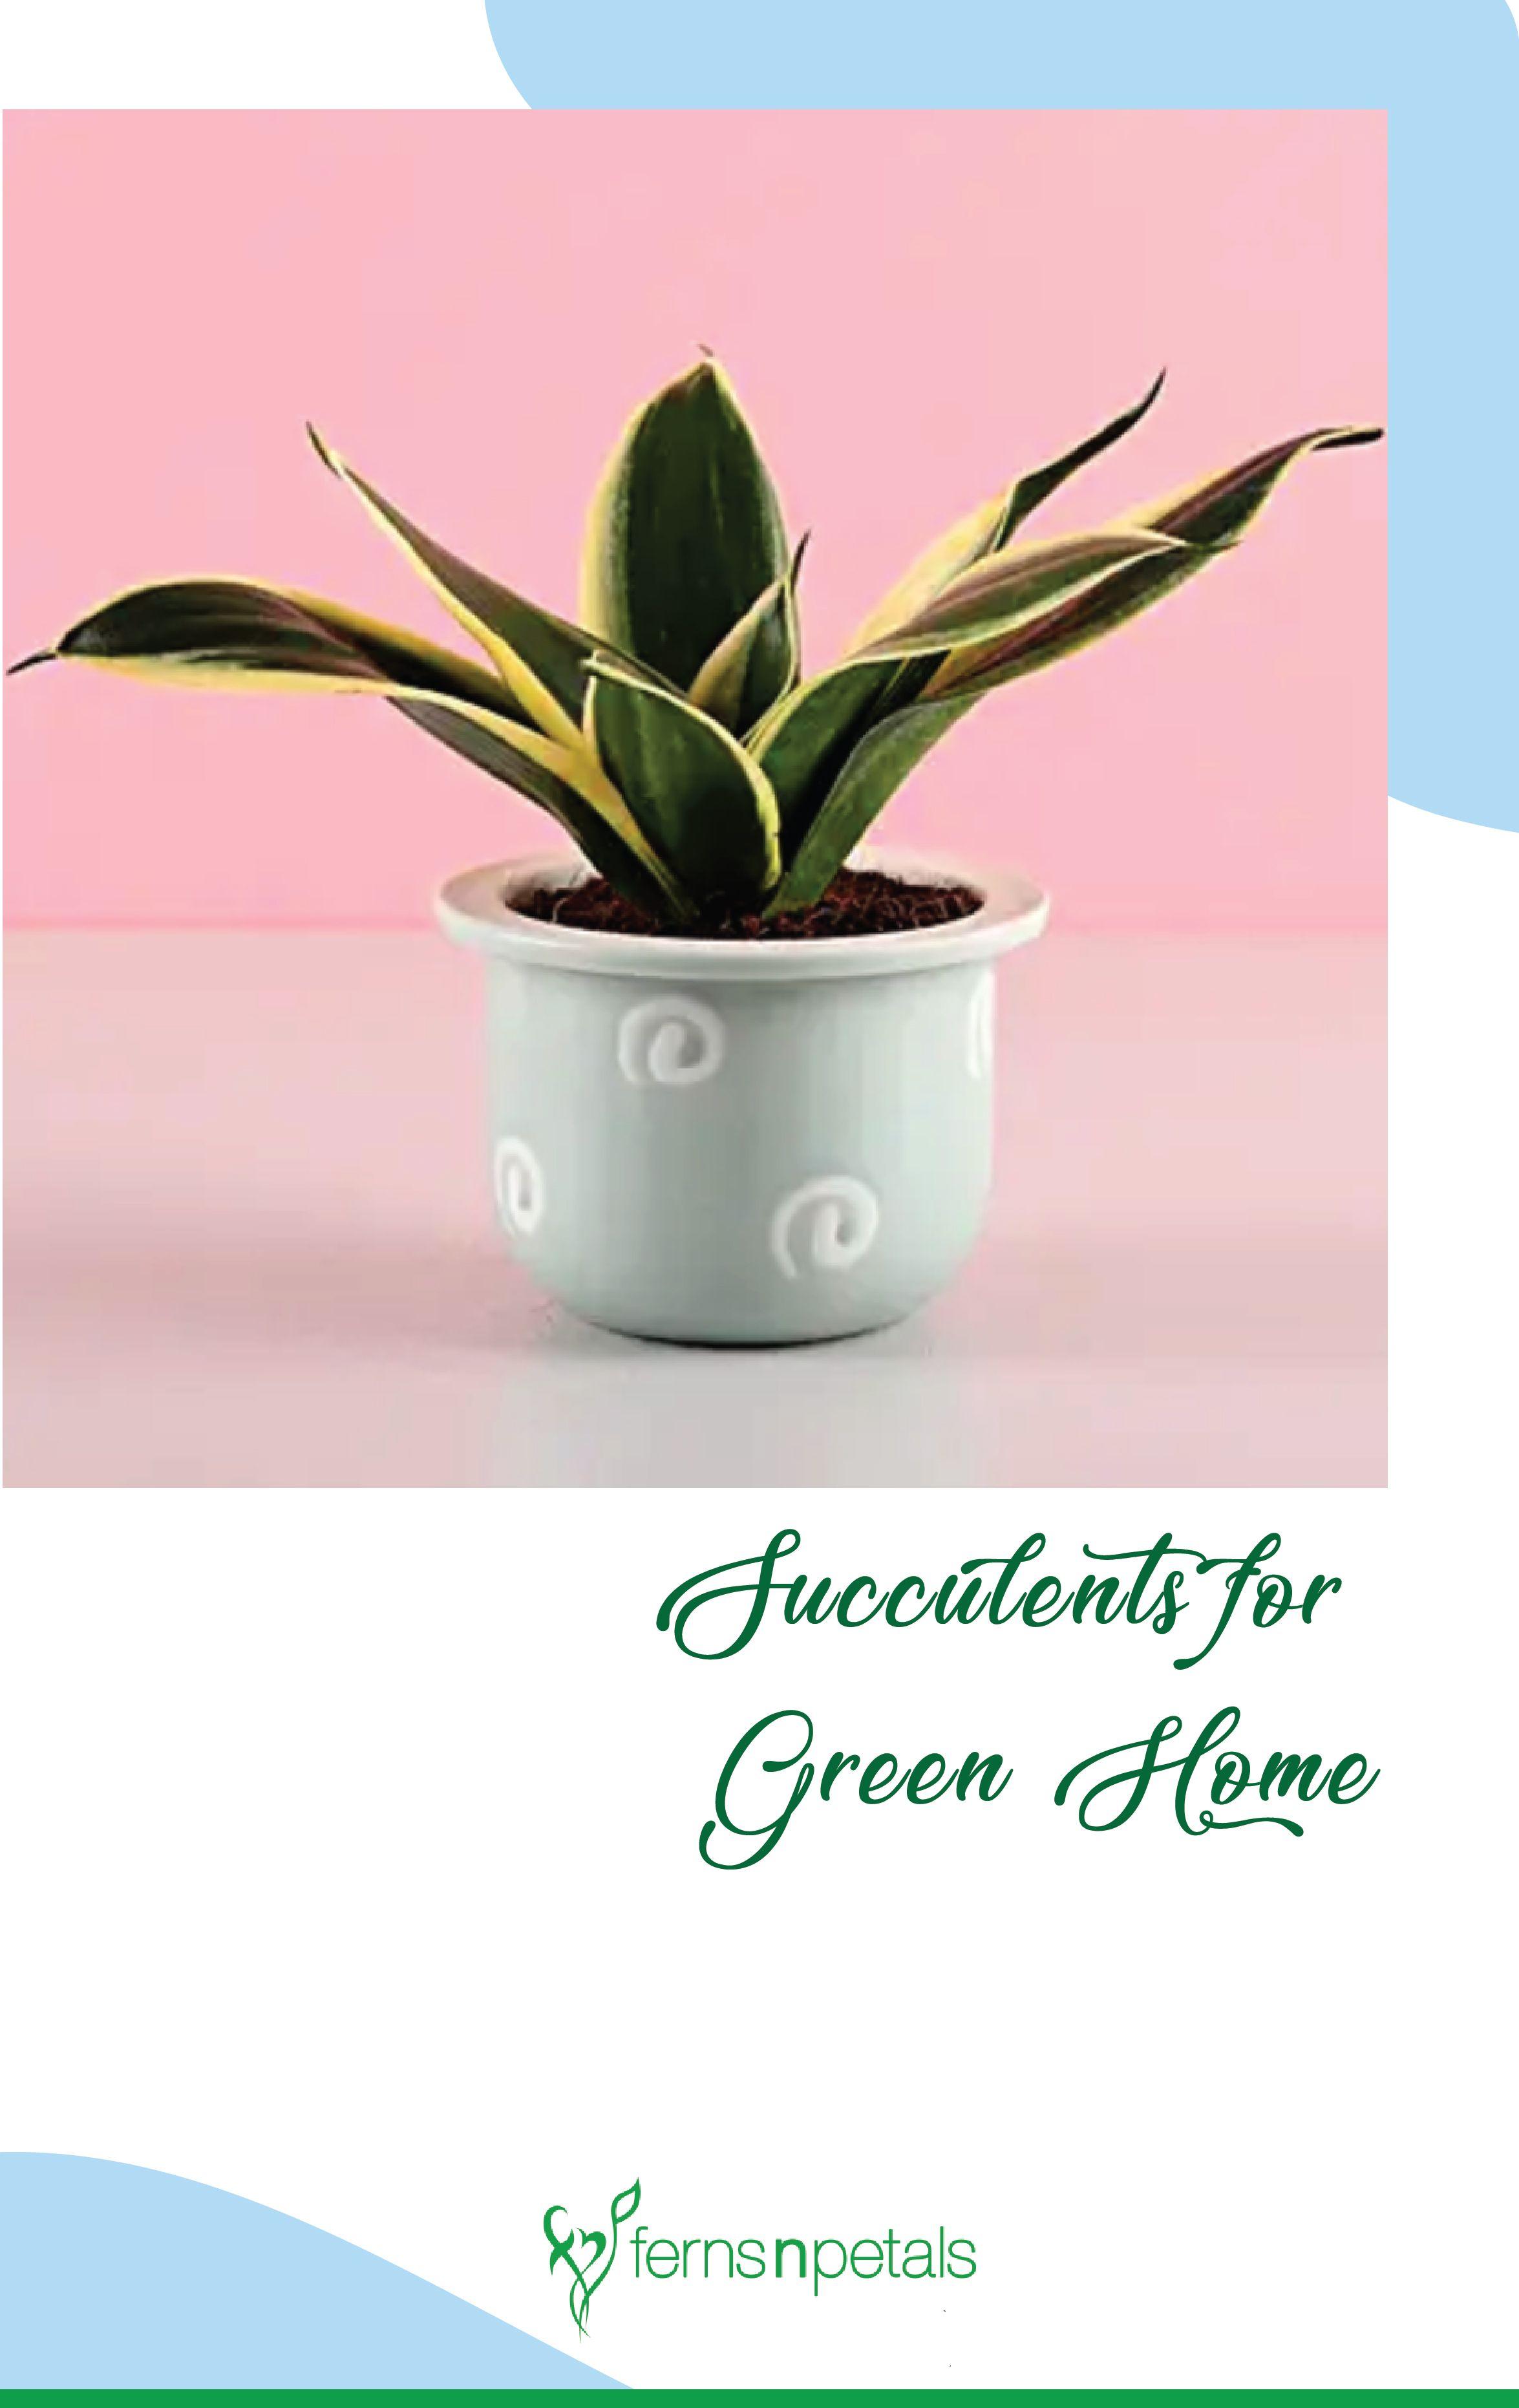 #FernsNPetals #Plants #ZebraPlantIdeas #Haworthia #SucculentPlants #BirthdayGiftIdeas #Birthday #Gifts #OnlineGiftsStore #GiftIdeas #HomeDecor #HomeDecorItems #HomeDecorIdeas